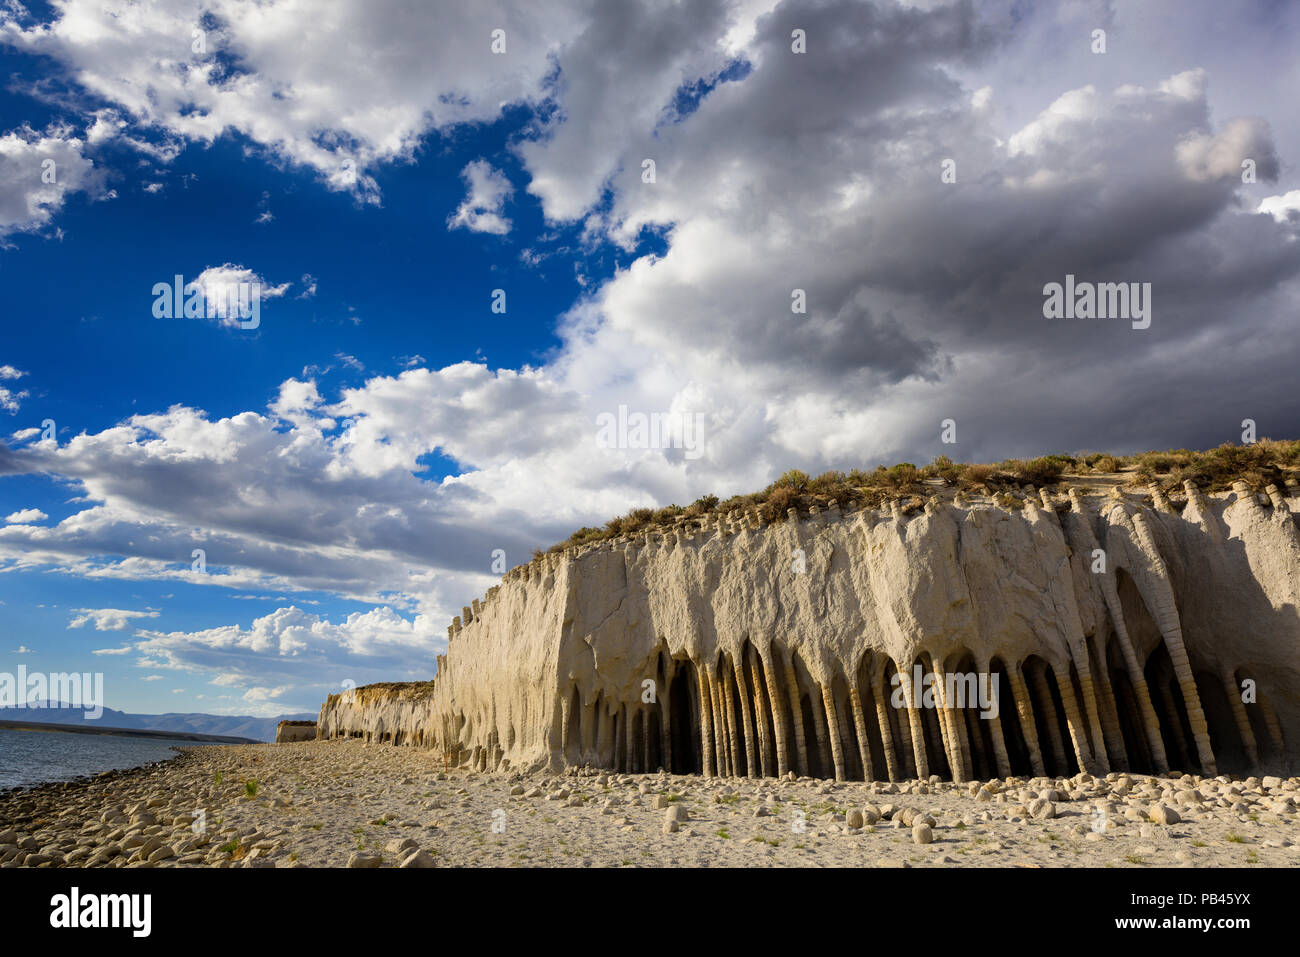 Feine Bögen und tiefen Höhlen durch Jahre der Wind und die Wellen schlagen die Ostseite von Crowley Lake entlang 395 in der Nähe von Mammoth Lakes, California gebildet. Lowe Stockfoto